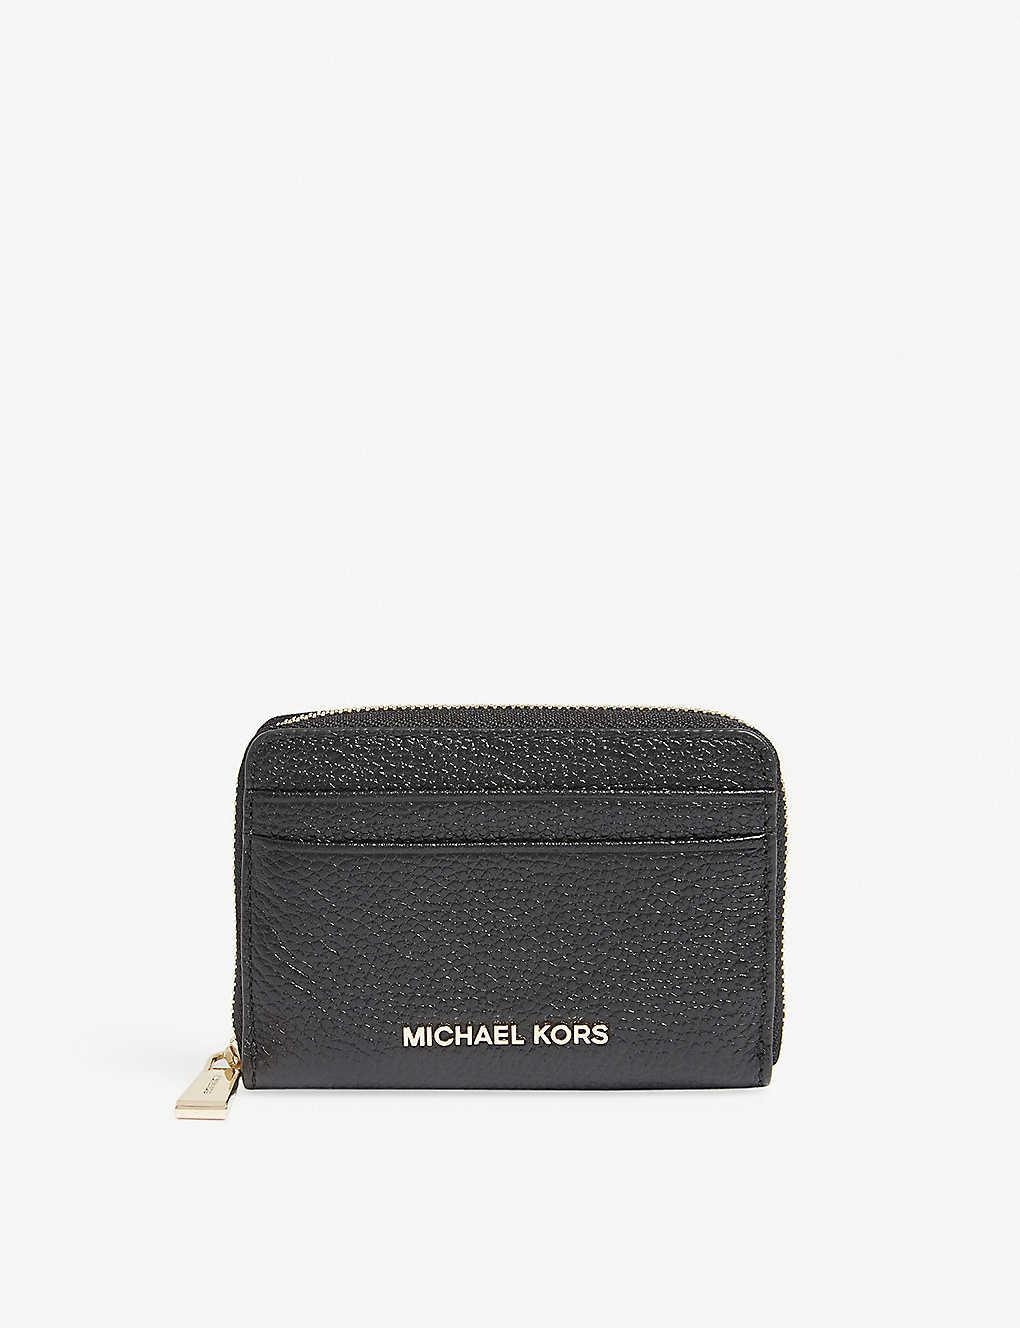 MICHAEL MICHAEL KORS - Money Pieces grained leather wallet ... d274937173